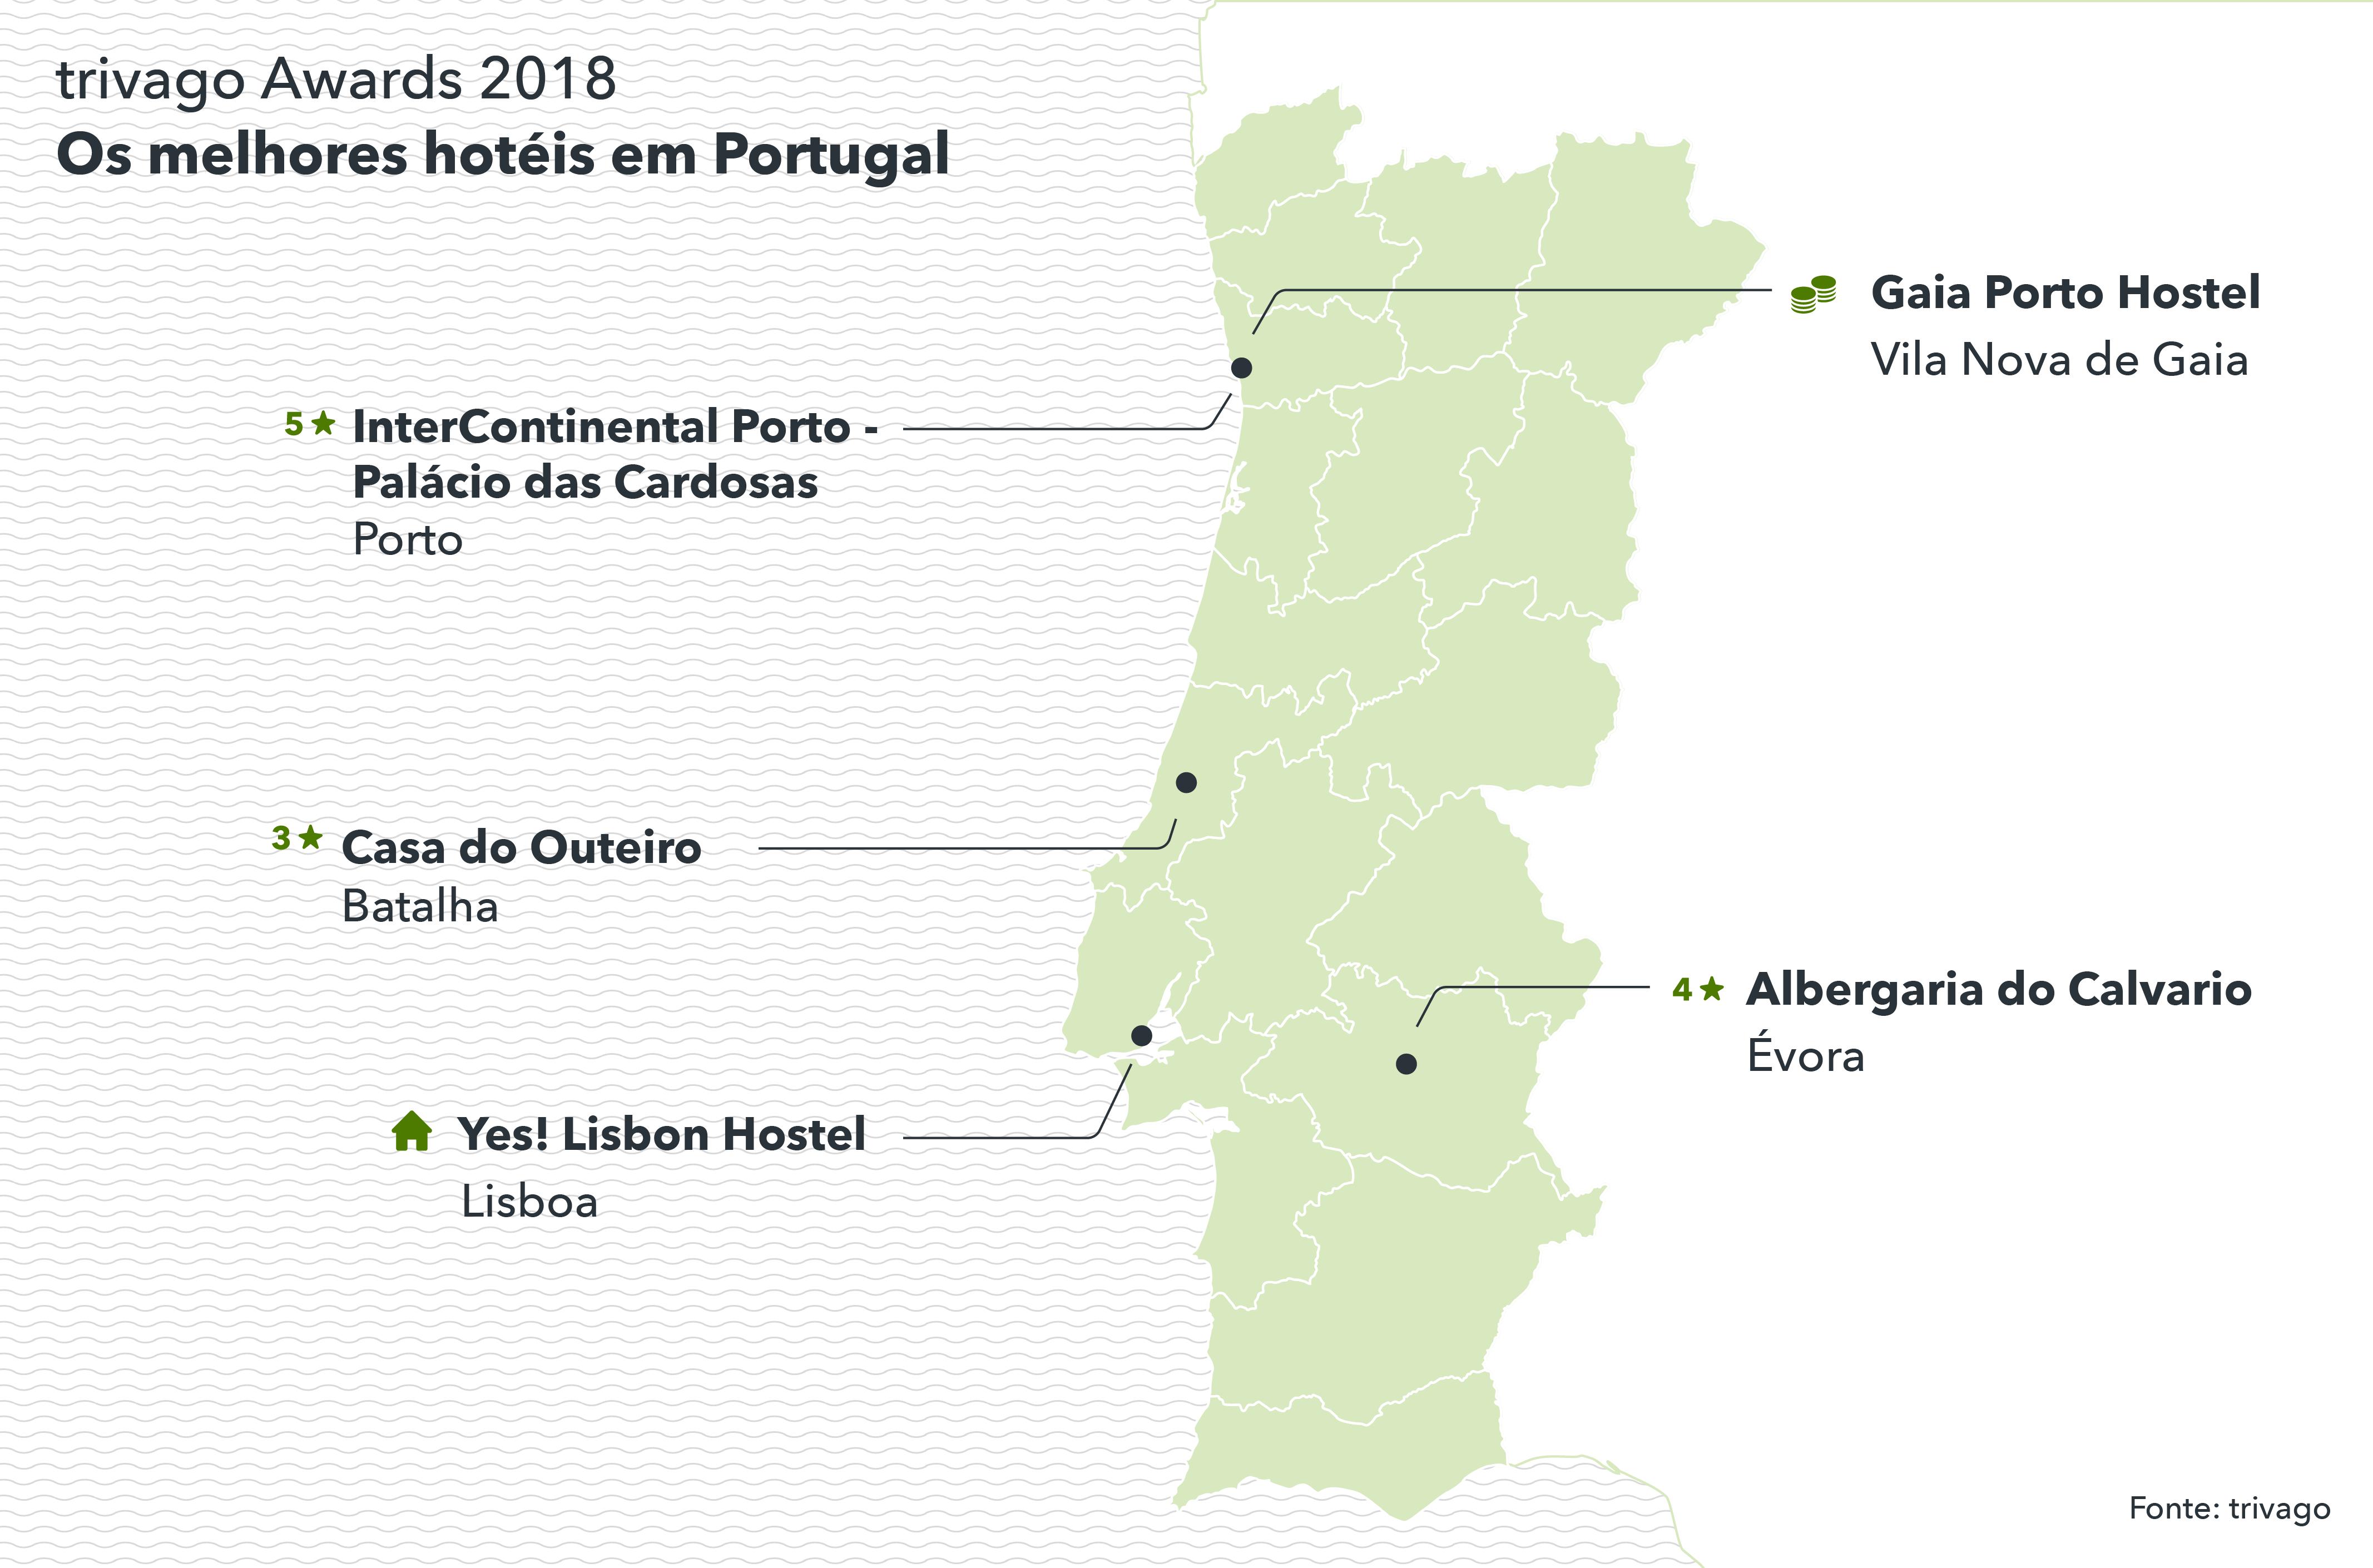 Vencedores trivago Awards 2018 Portugal